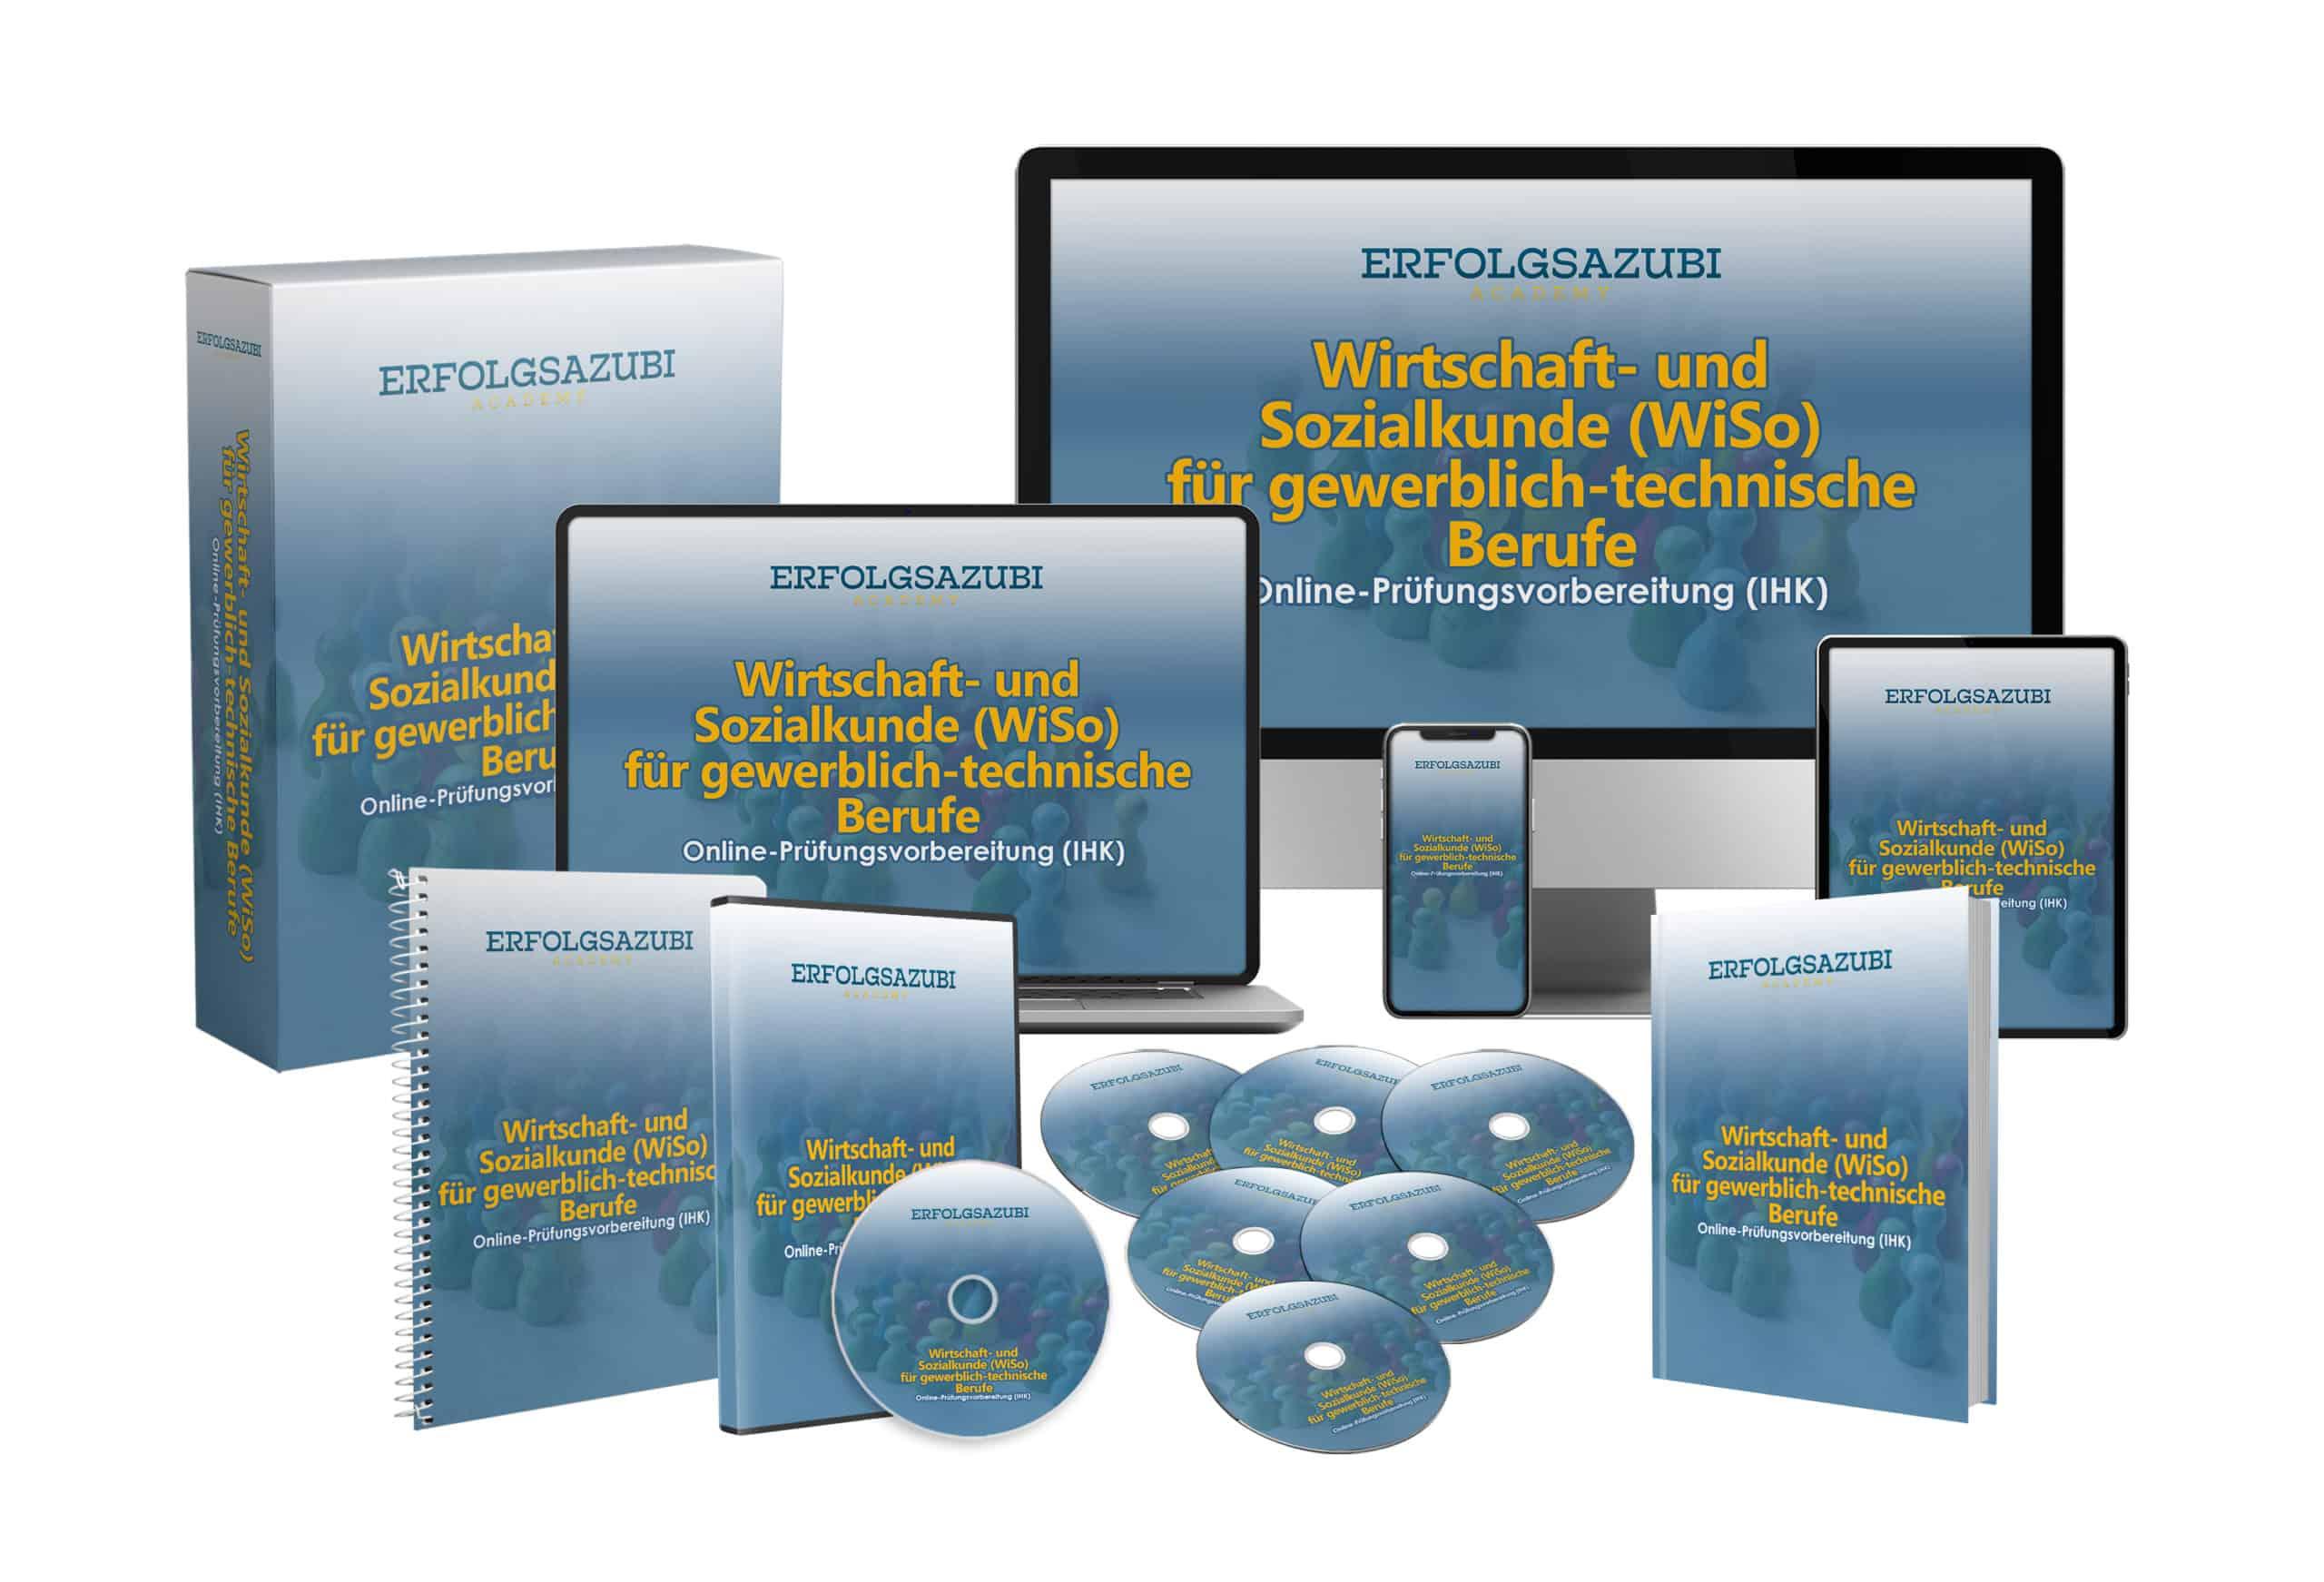 Wirtschaft- und Sozialkunde (WiSo) für gewerblich-technische Berufe